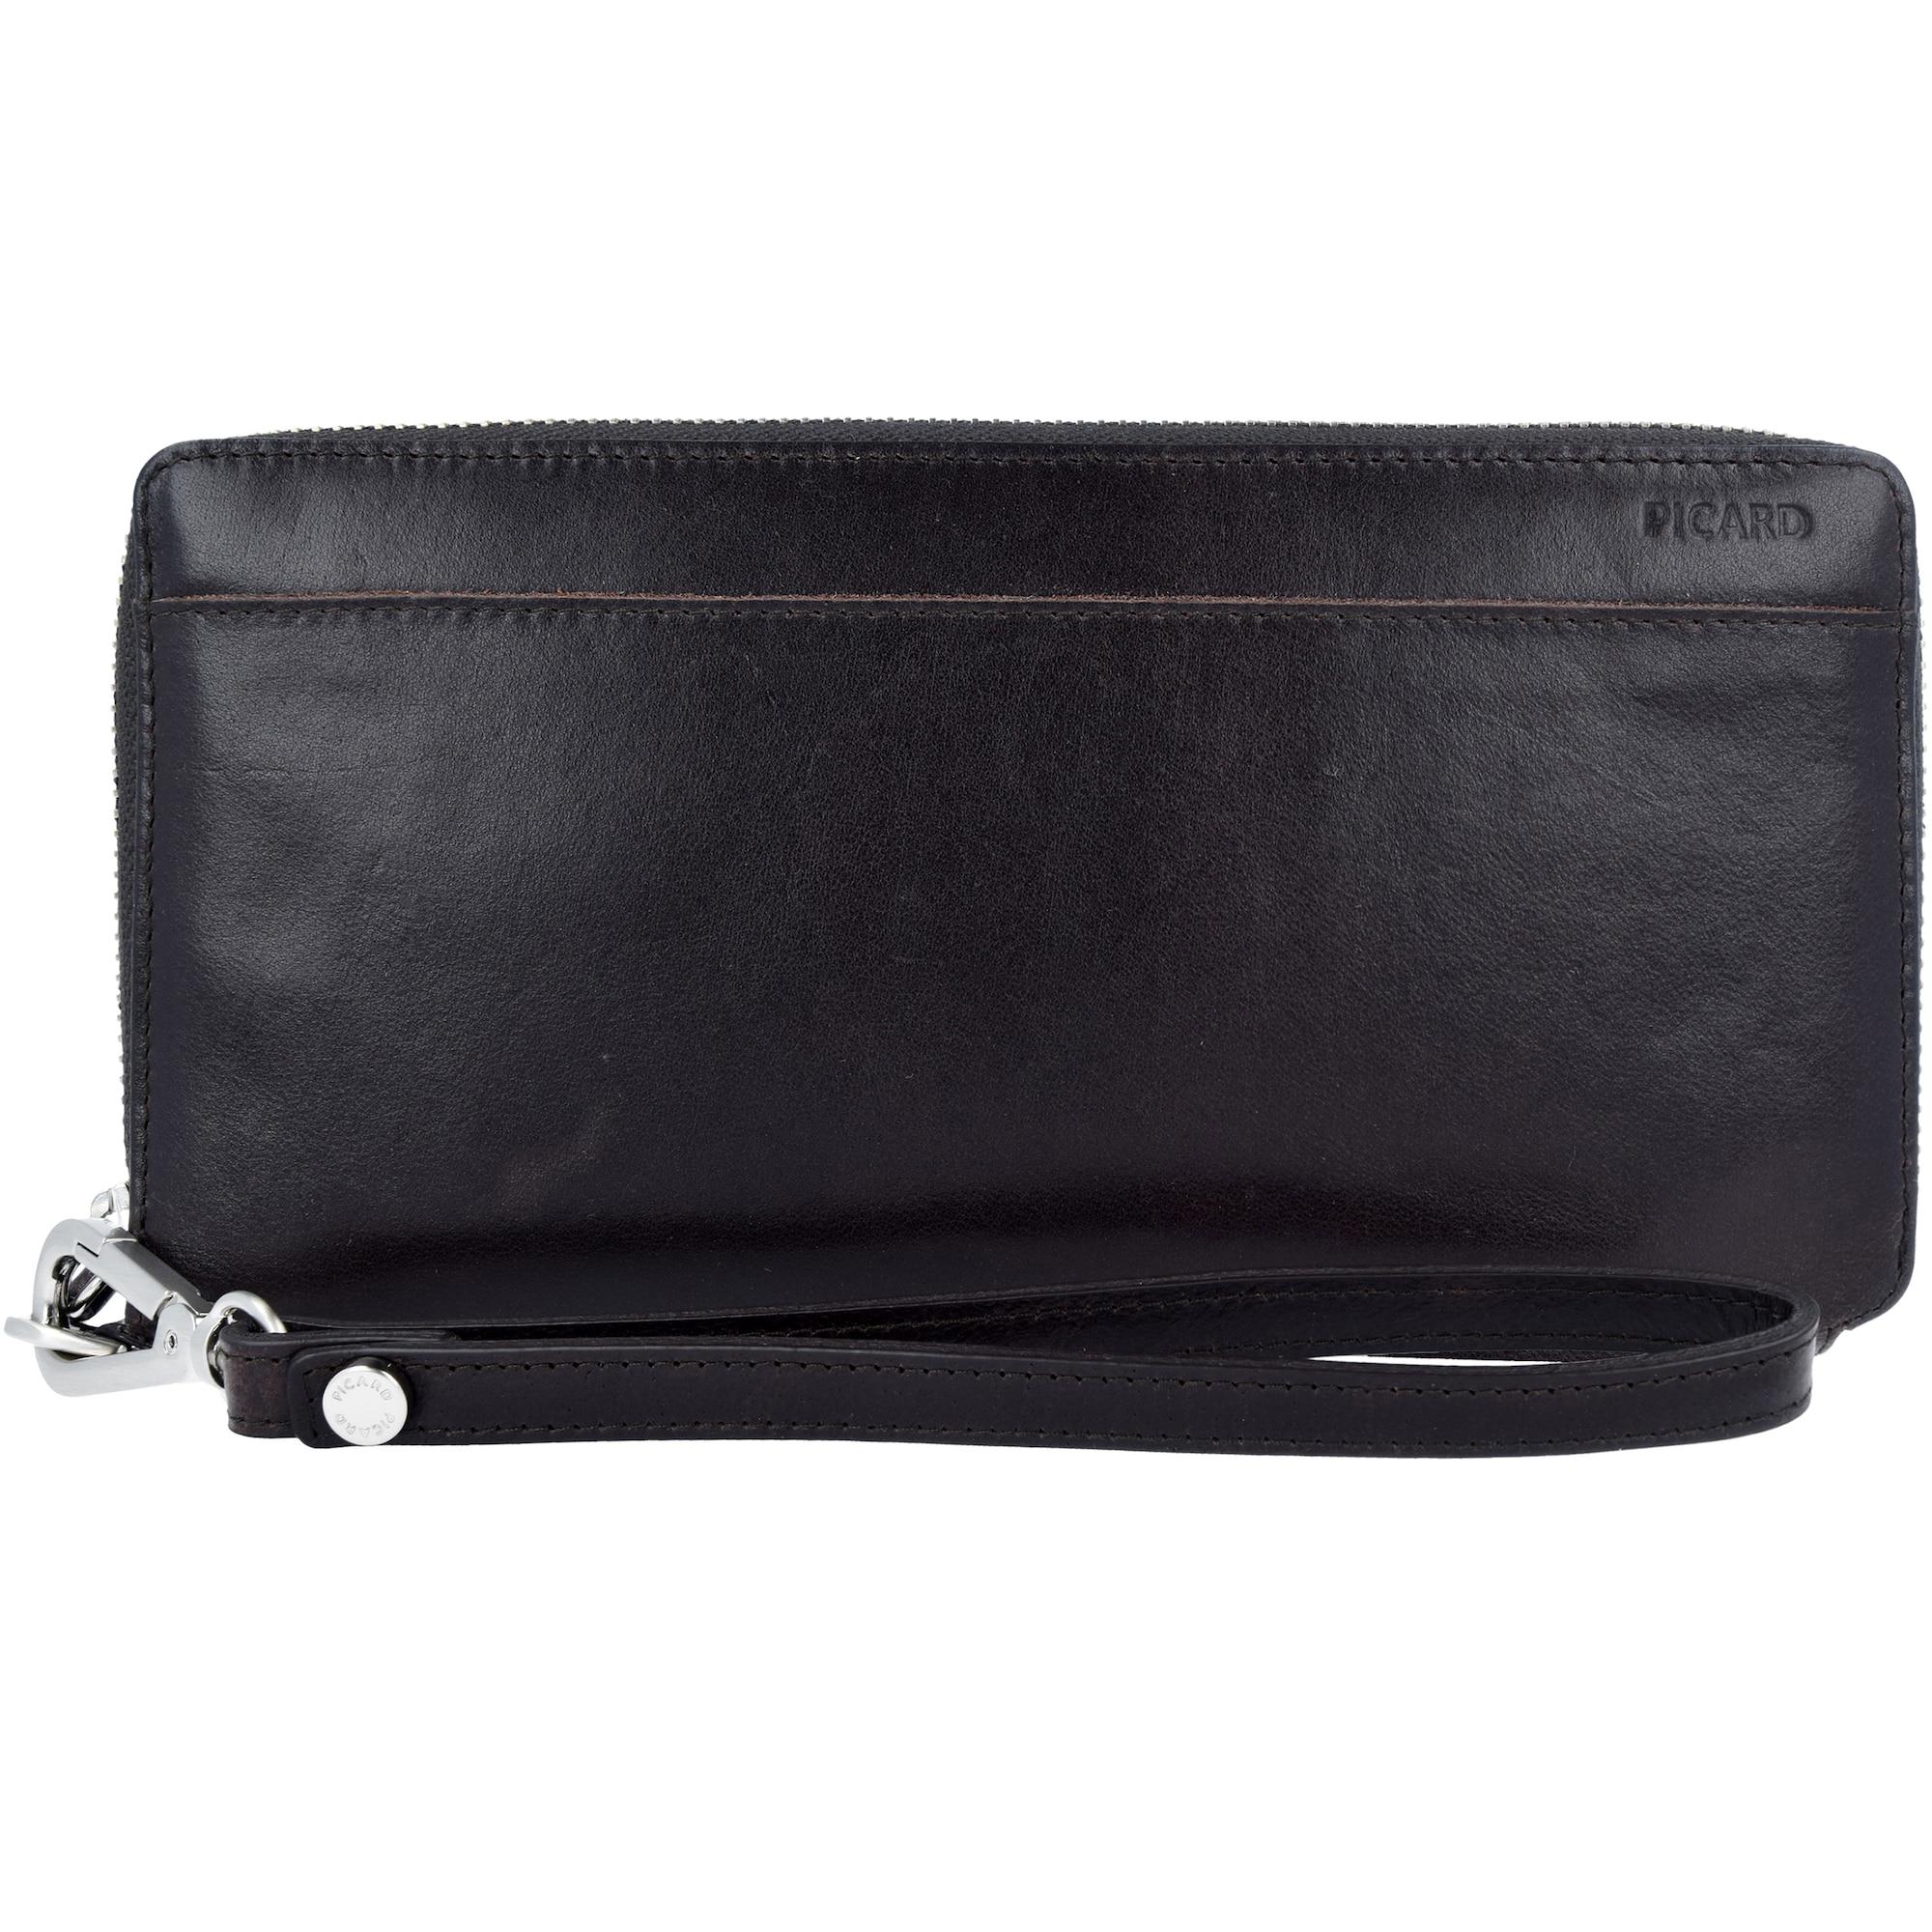 Geldbörse 'Buddy 22 cm' | Accessoires > Portemonnaies > Geldbörsen | Picard